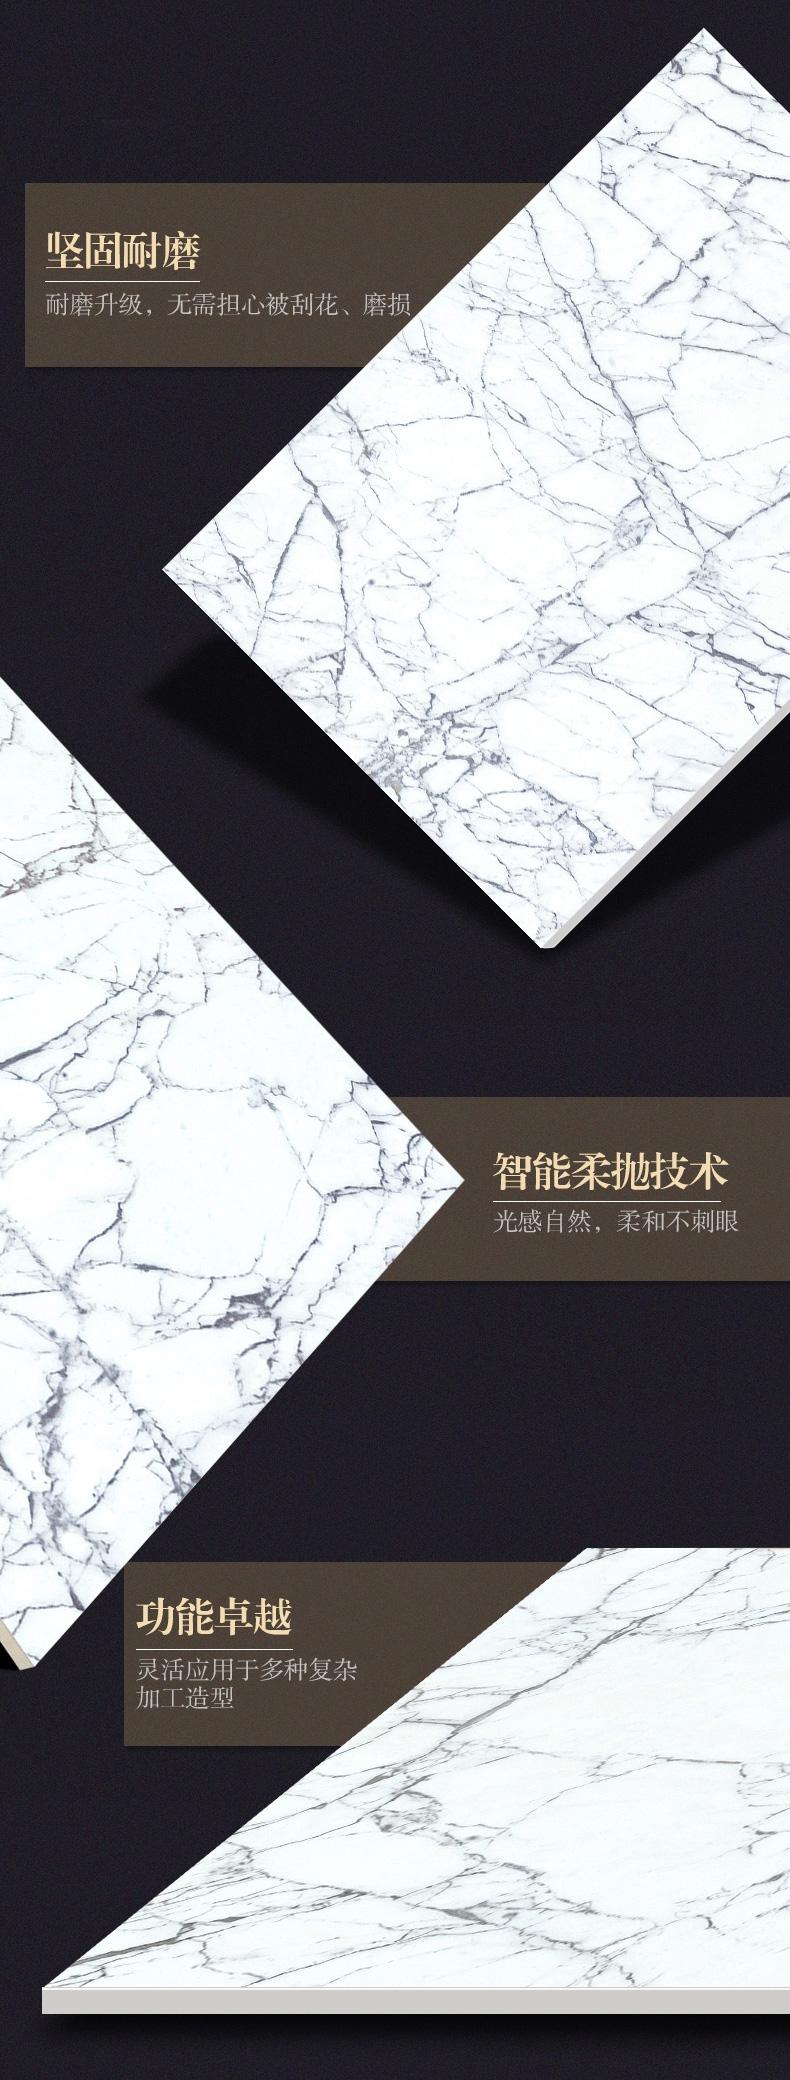 简一大理石瓷砖-细纹雪花白_10.jpg